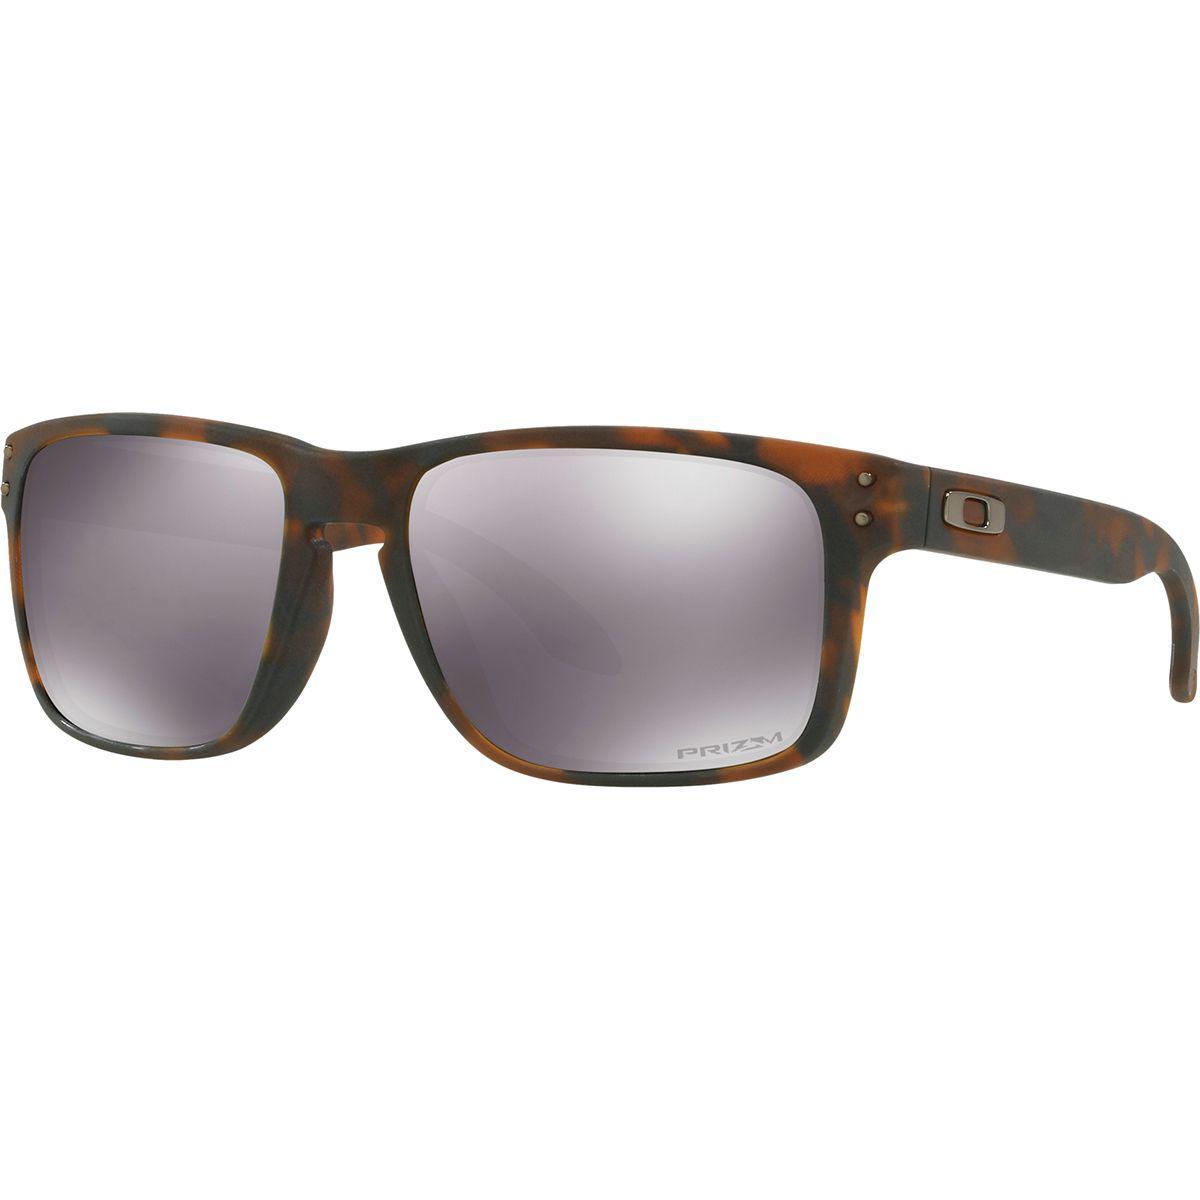 af8fc3986c641 Lyst - Oakley Holbrook Prizm Sunglasses in Brown for Men - Save 22%